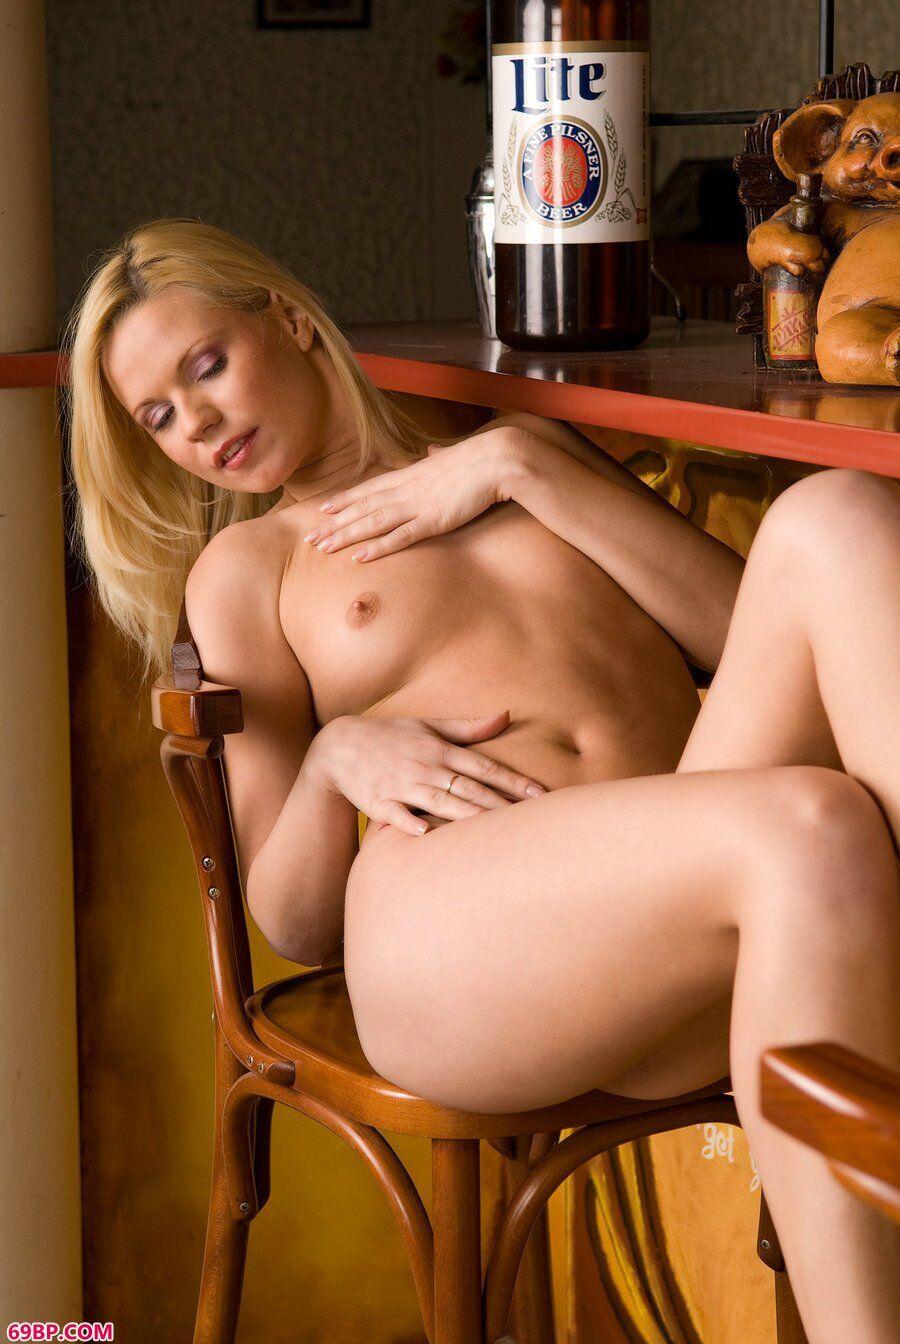 酒吧里的无圣光金发妹子嫩模